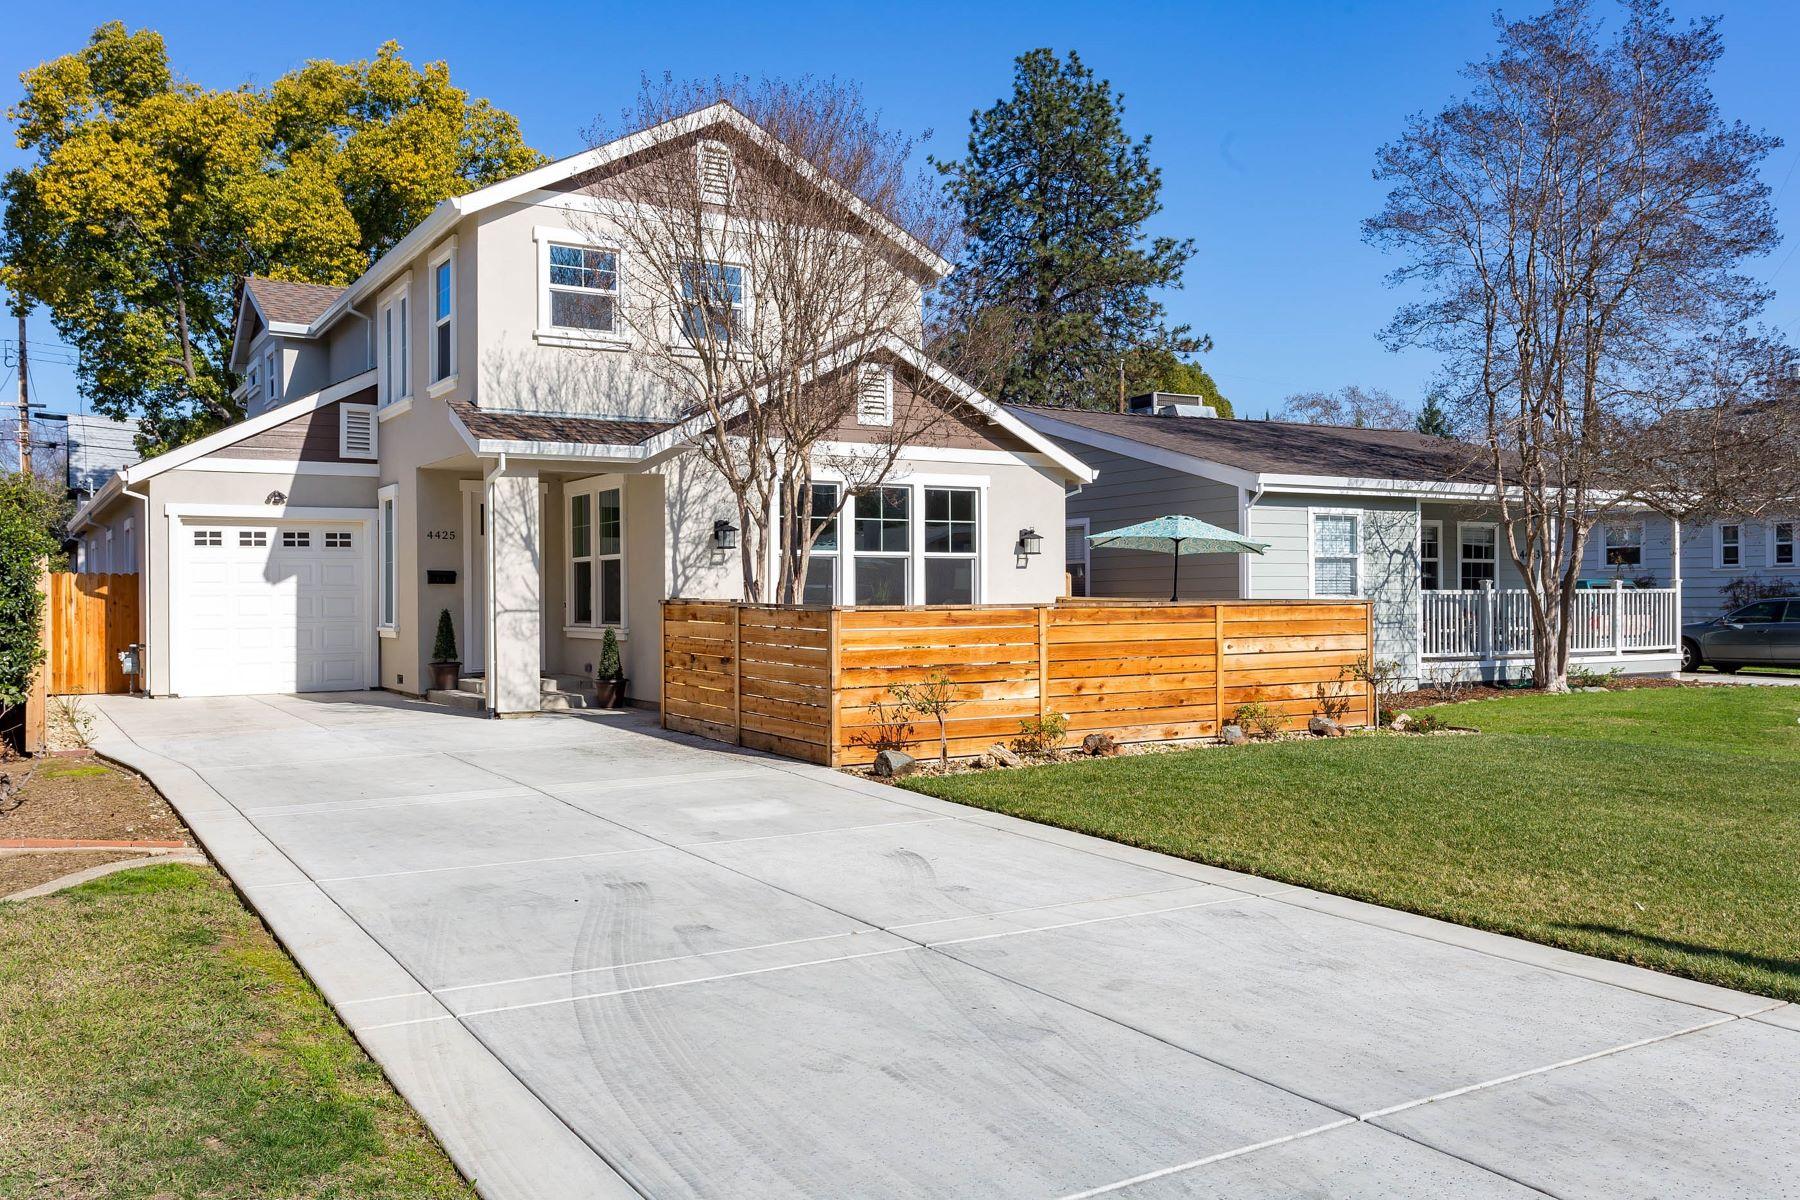 Частный односемейный дом для того Продажа на Stunning New Construction 4425 H Street, Sacramento, Калифорния, 95819 Соединенные Штаты